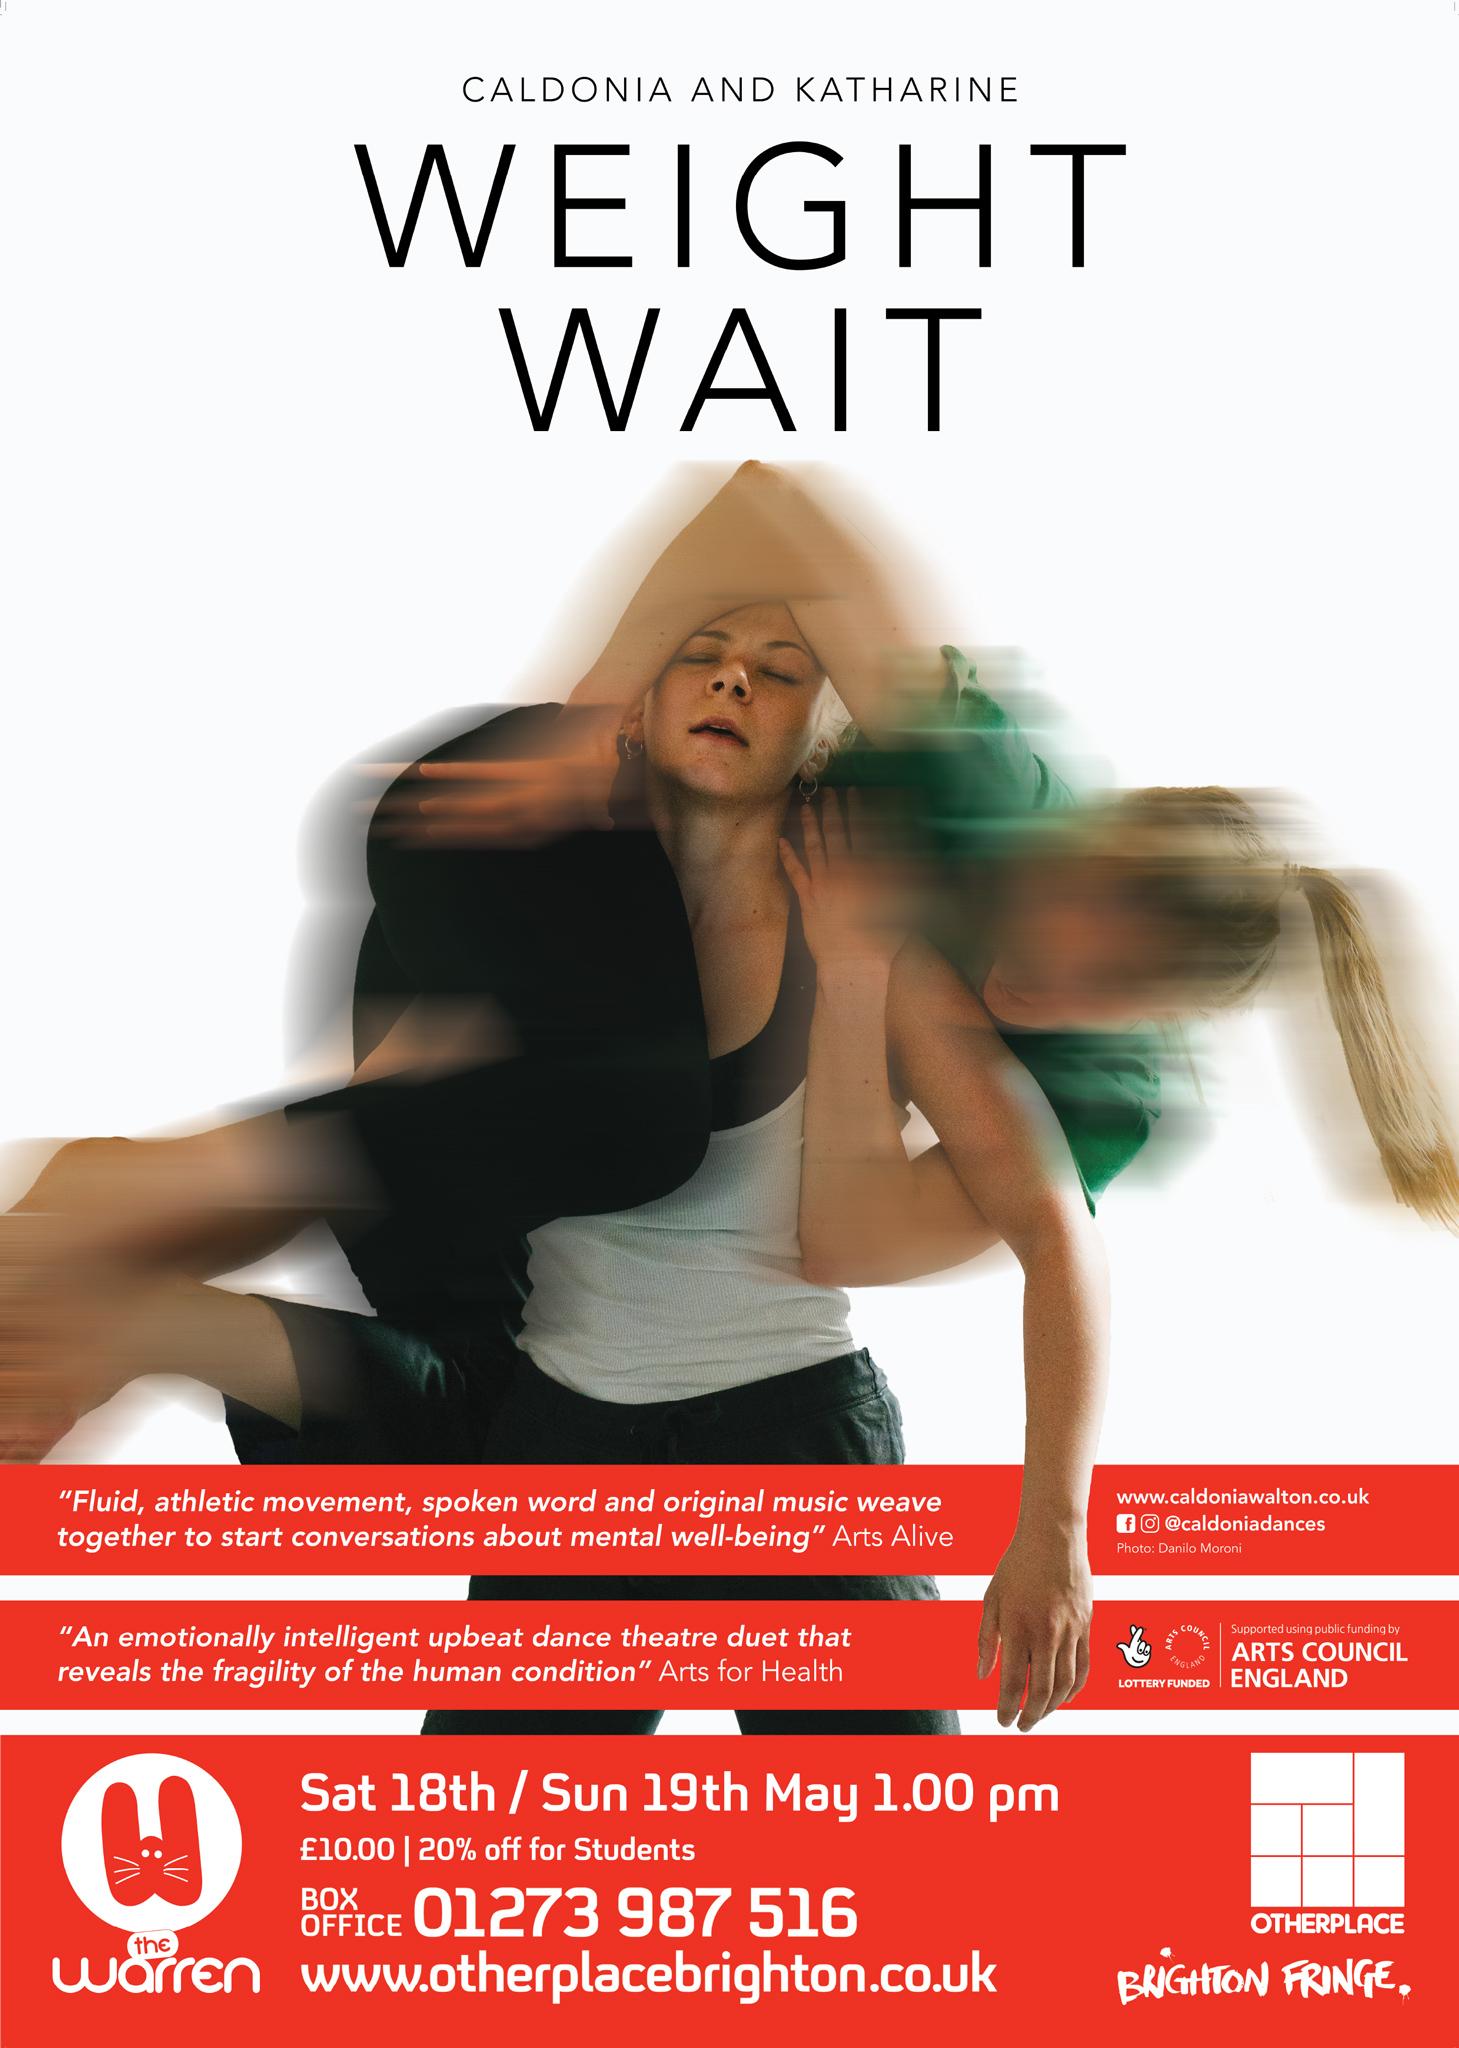 Weight-Wait-A0-Warren-With-Bleed.jpg